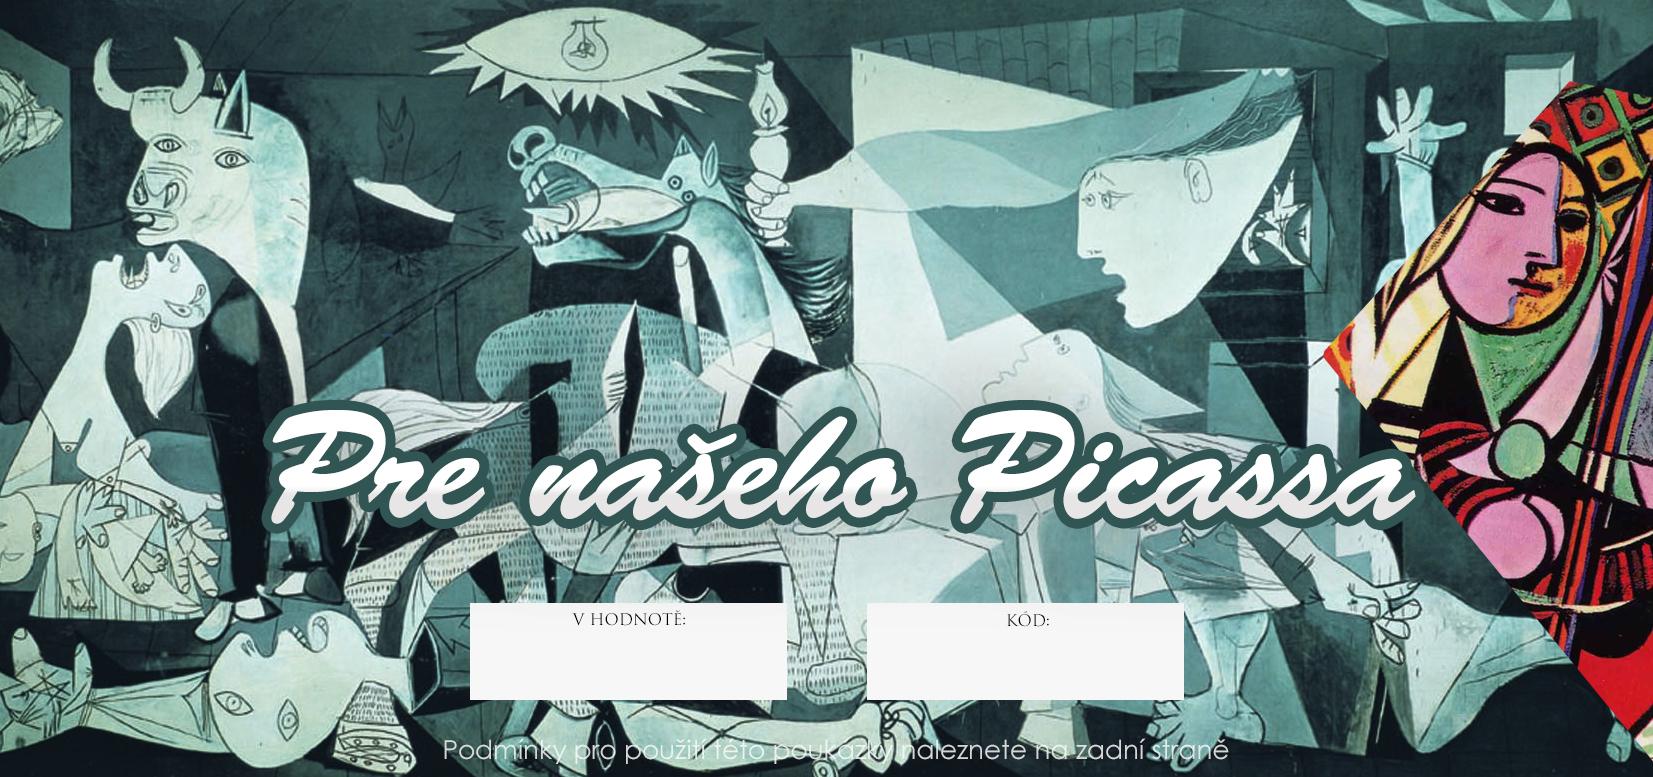 Image of Dárkový POUKAZ - Pro našeho Picassa